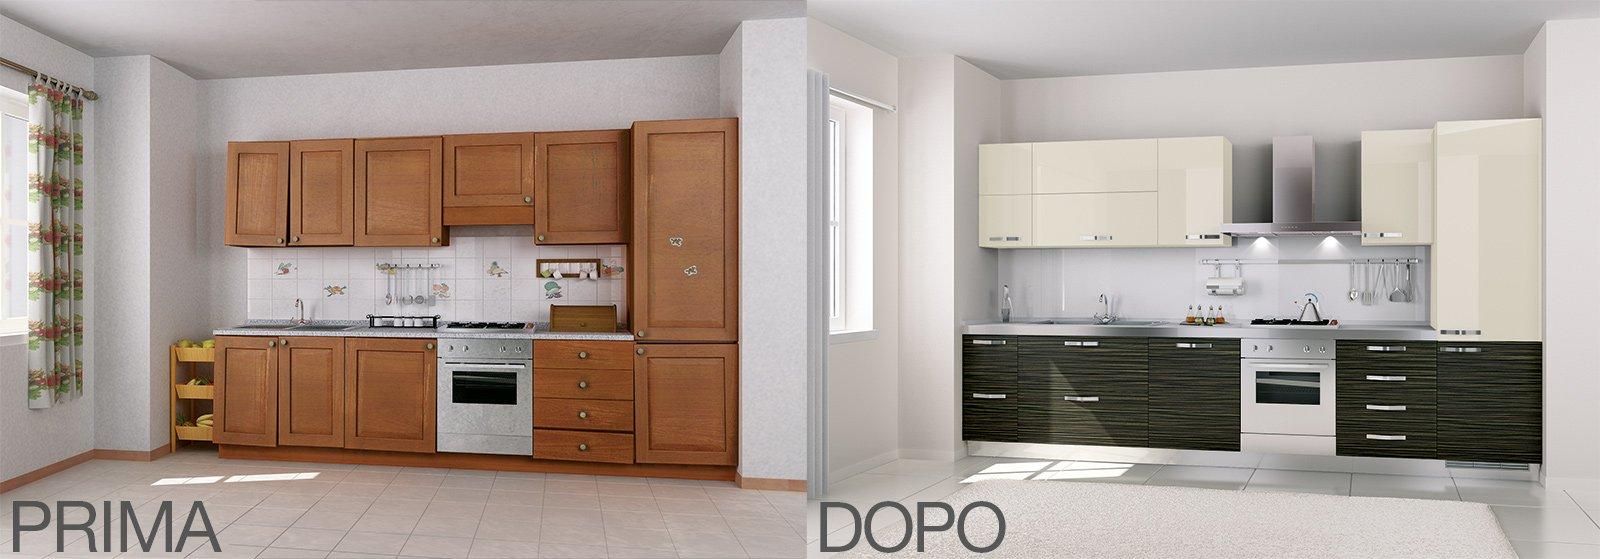 LA CUCINA PRIMA E DOPO La cucina è stata rinnovata con nuove ante di ...